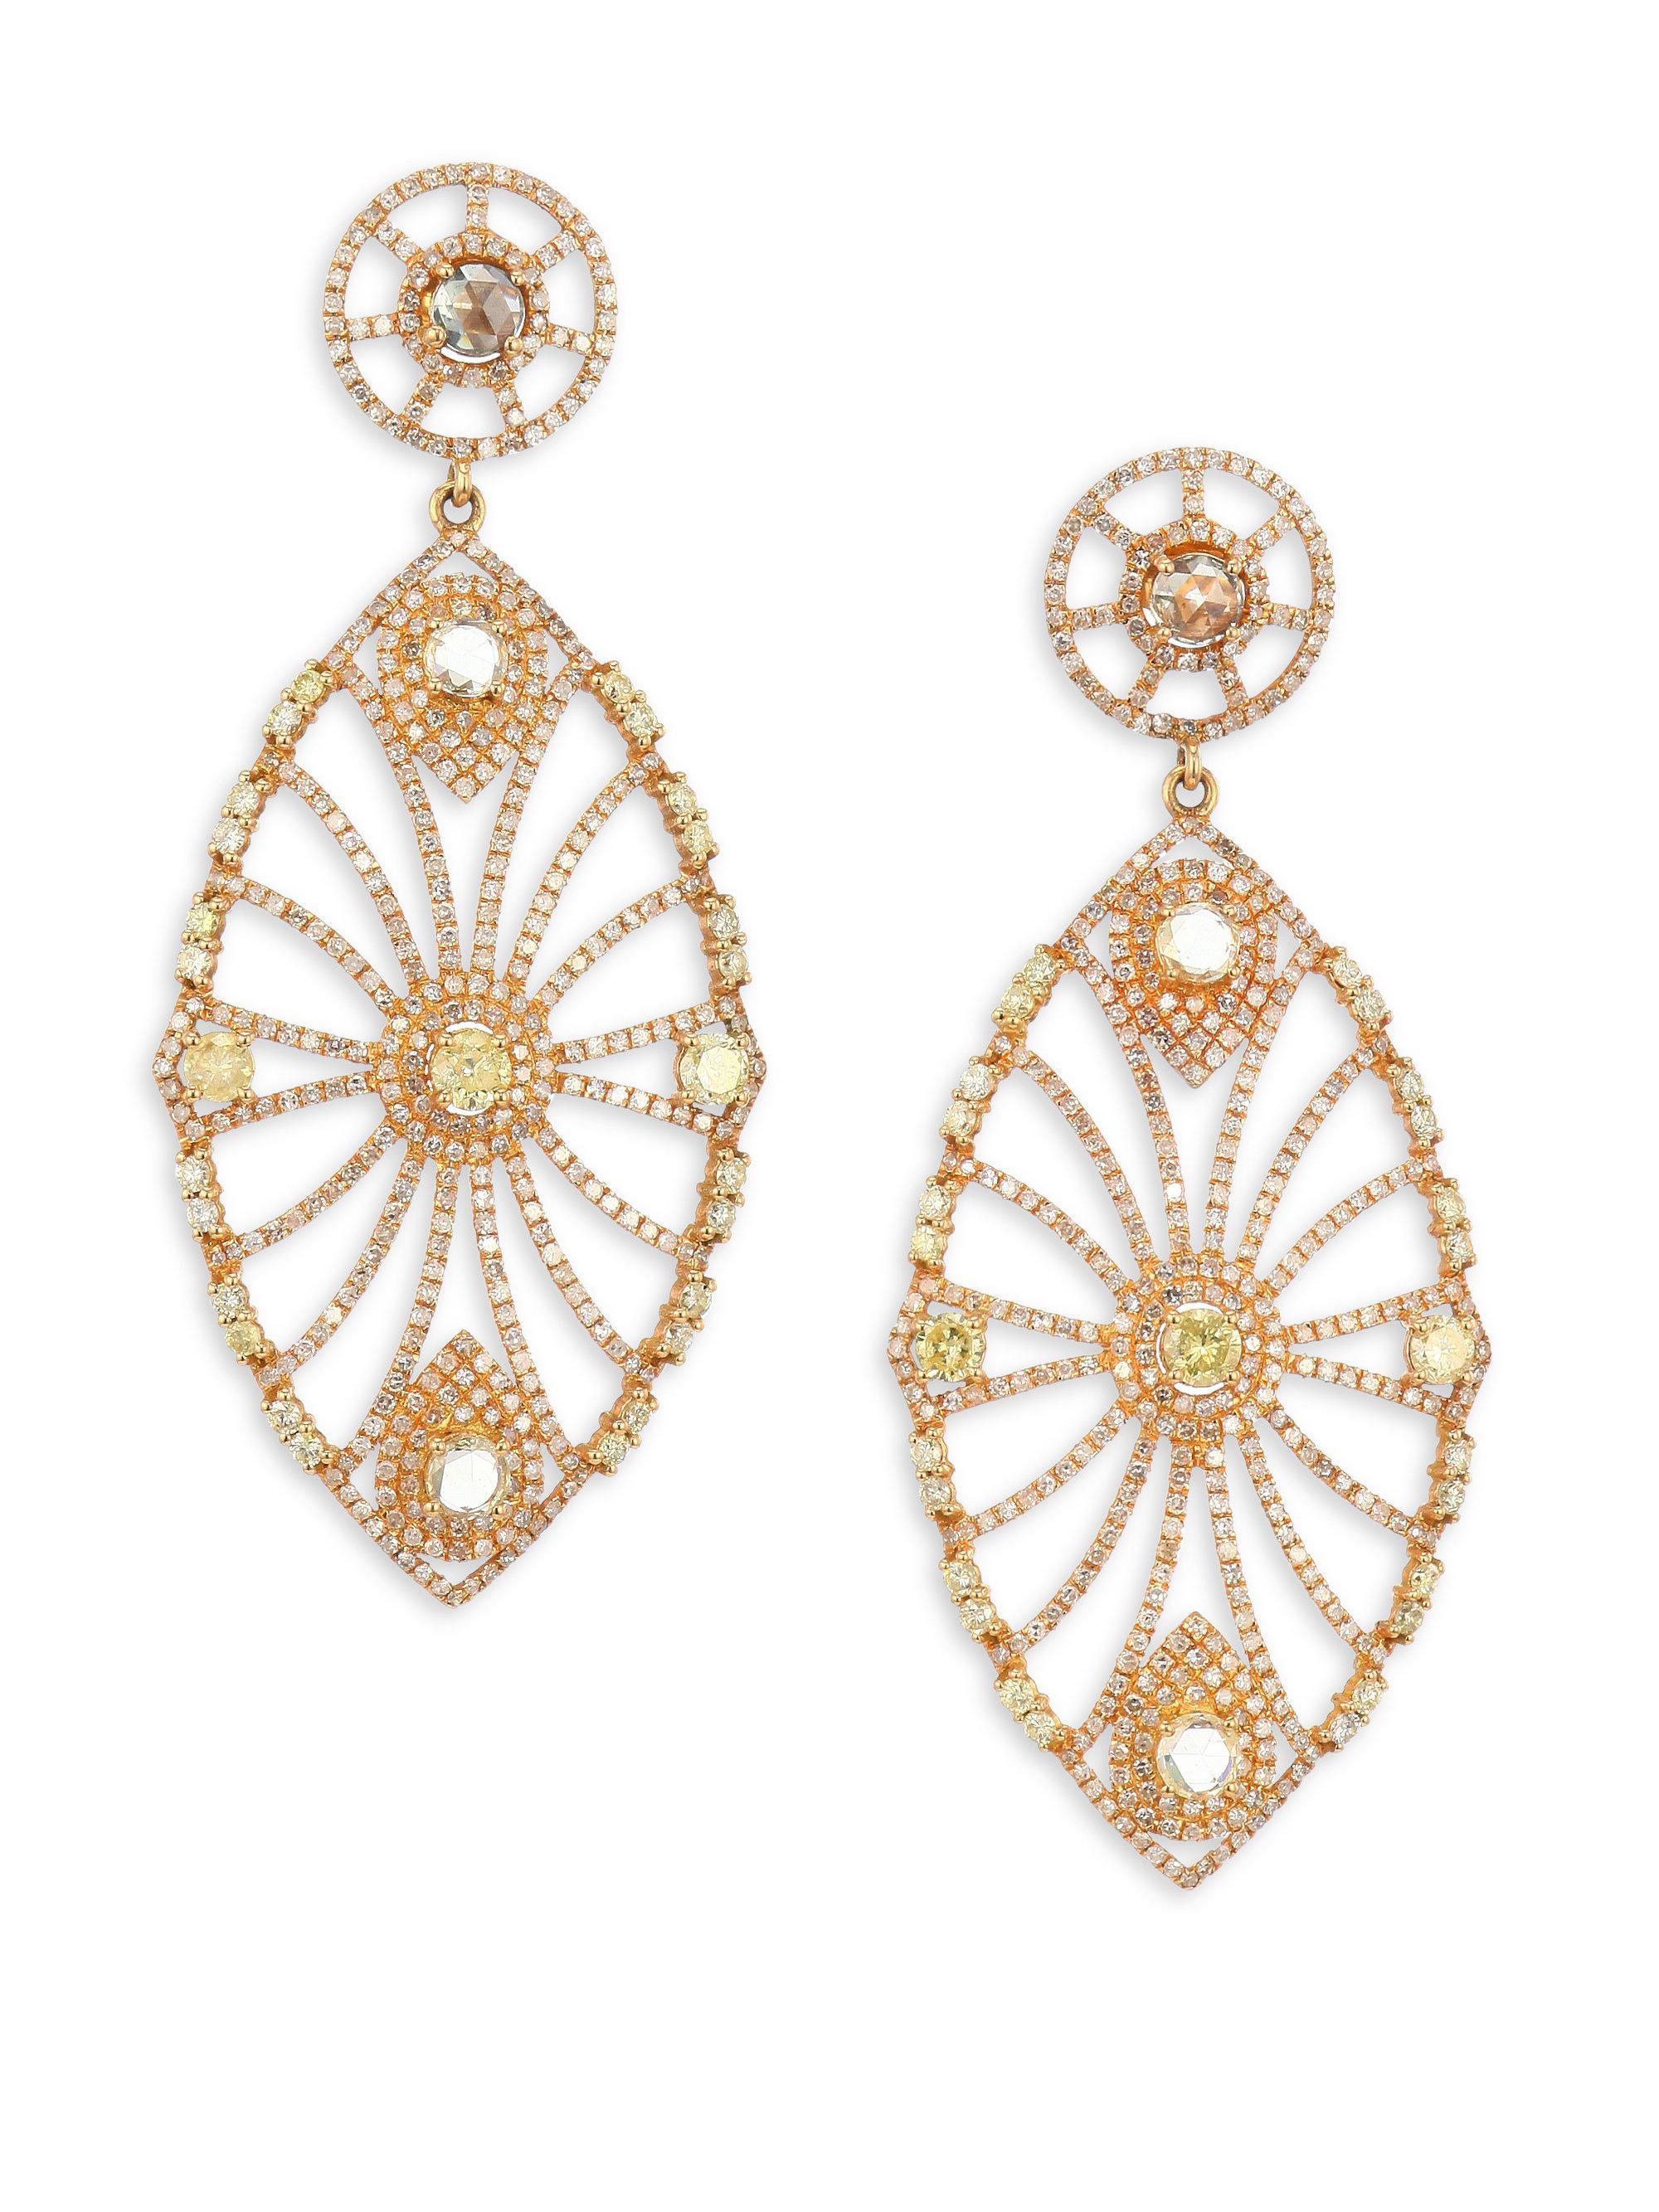 Bavna Diamond & Opal Fan Drop Earrings UNdtFq9f